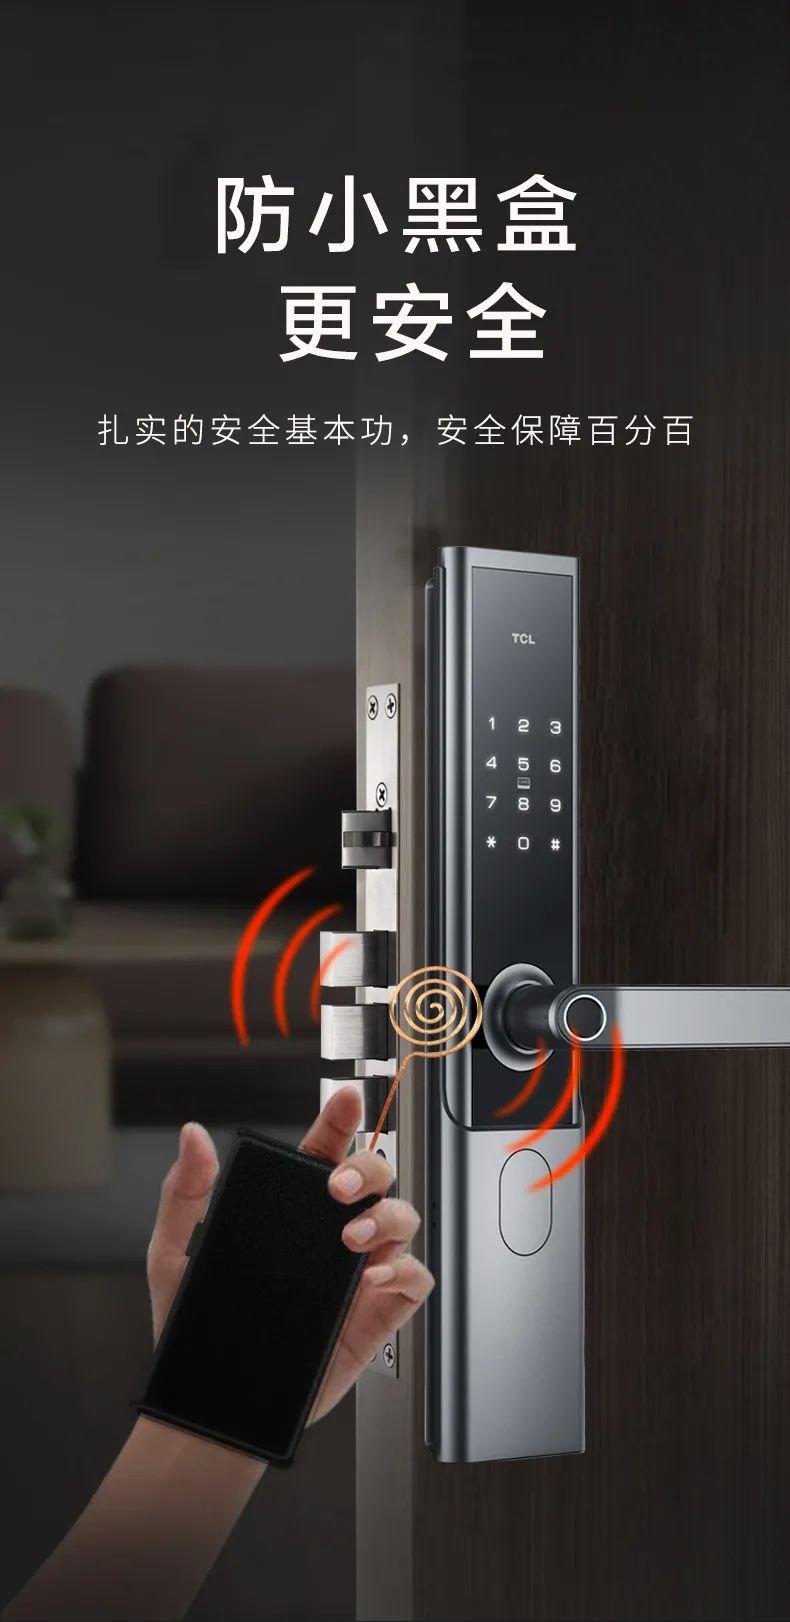 千元之内首选的智能锁竟是这把!